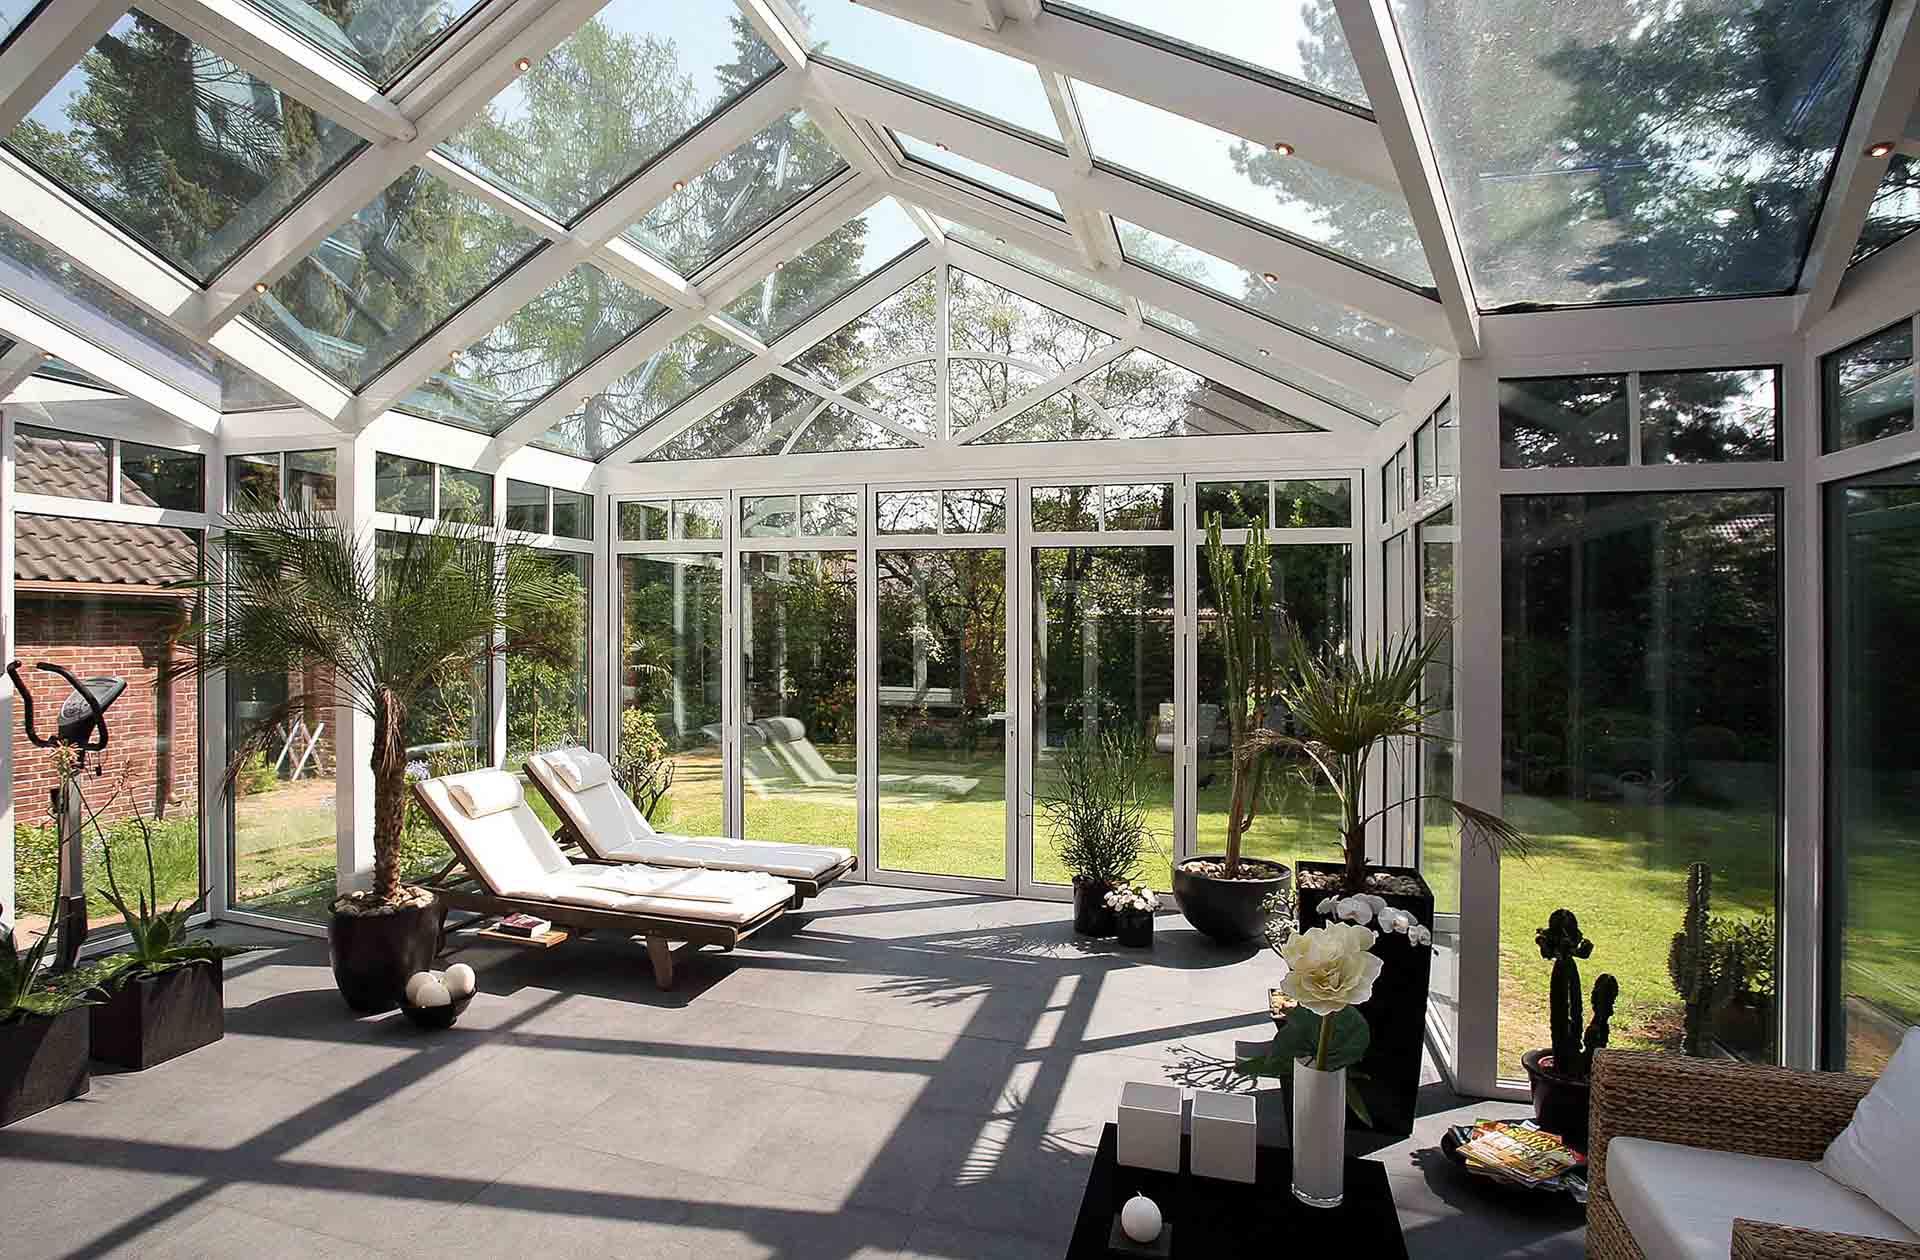 Hightech-Sonnenschutzglas hält Wintergarten kühl